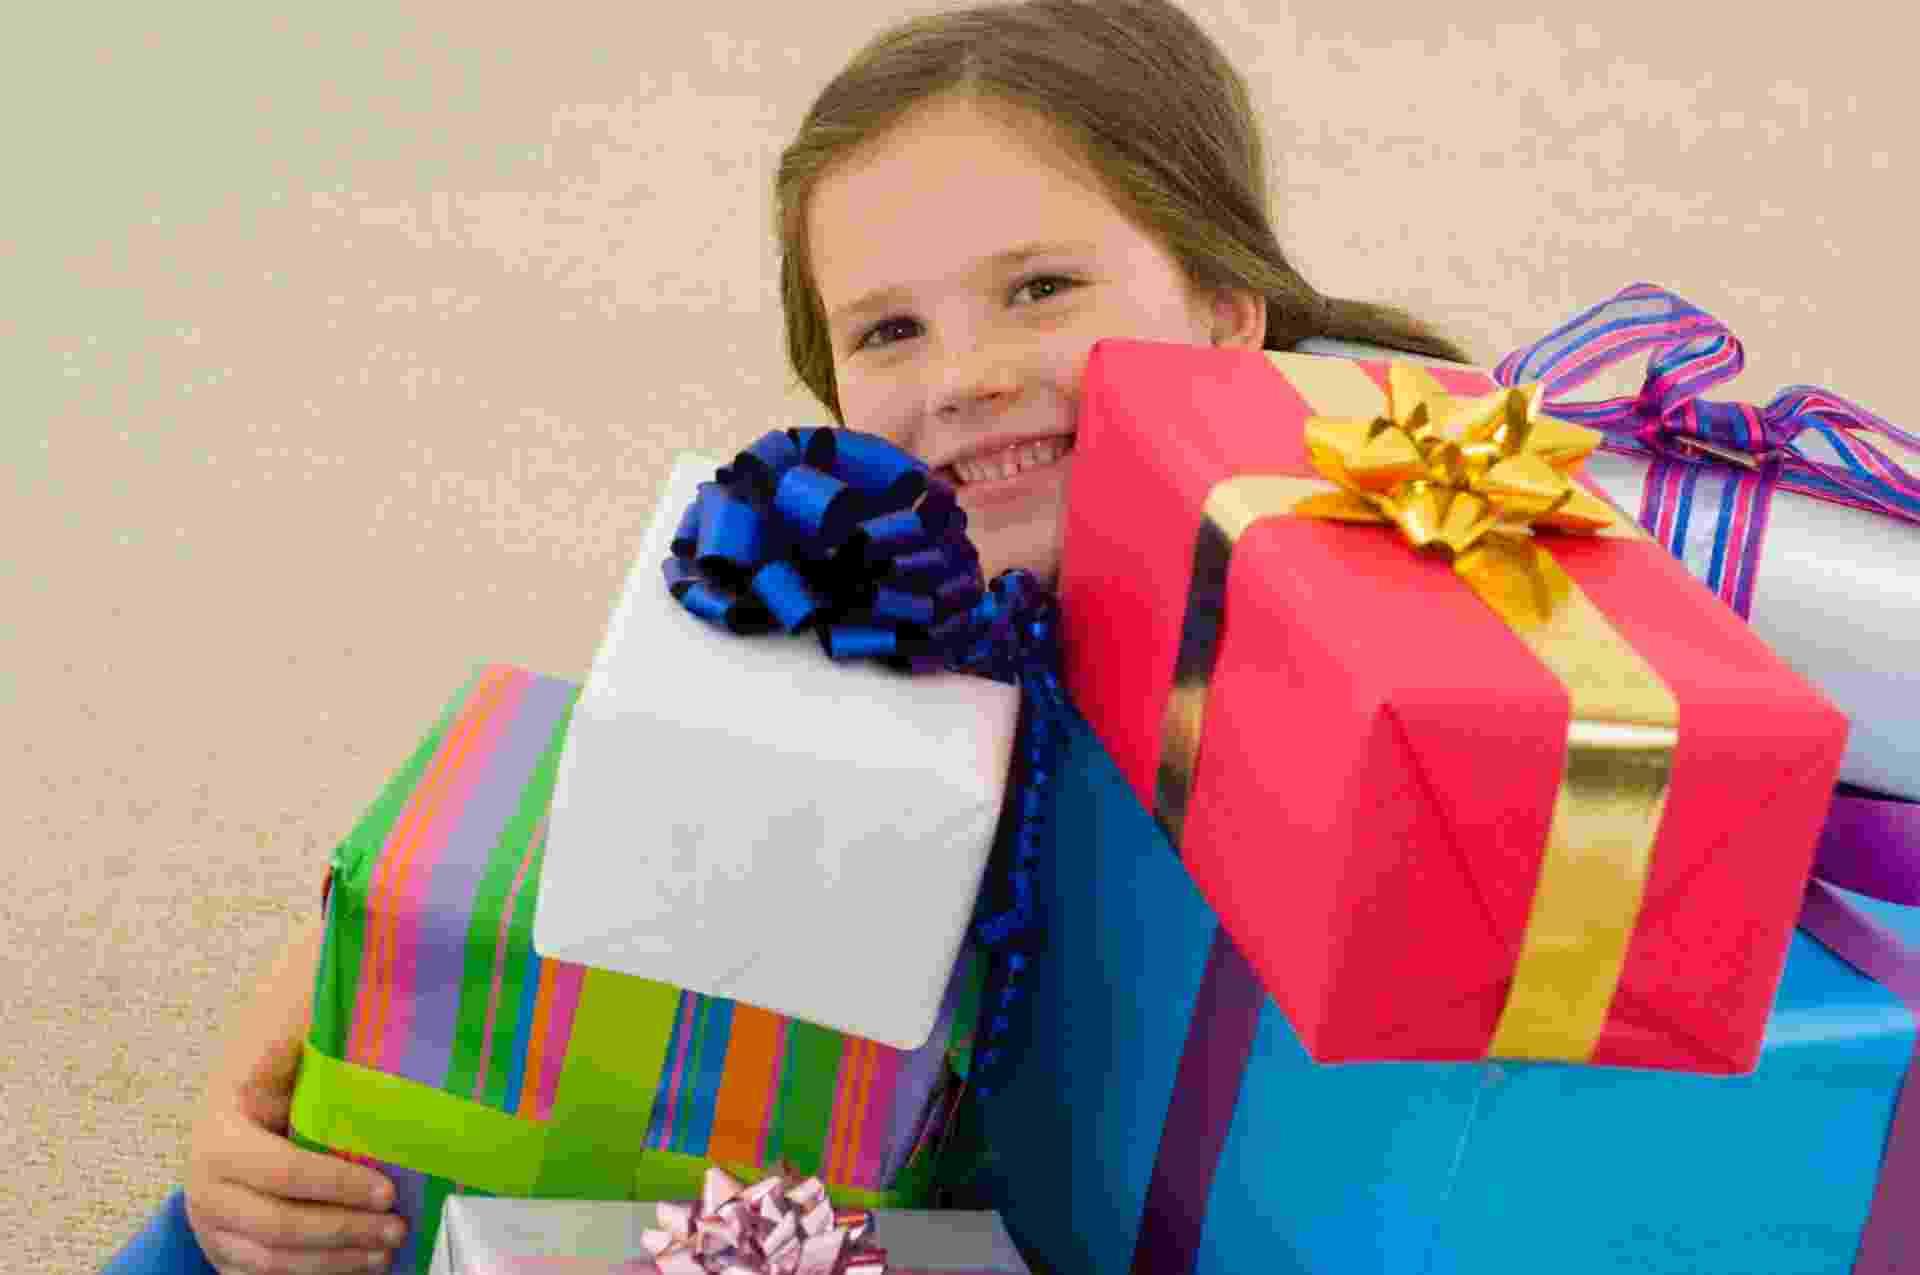 criança, presente, mimo, aniversário, festa - Thinkstock